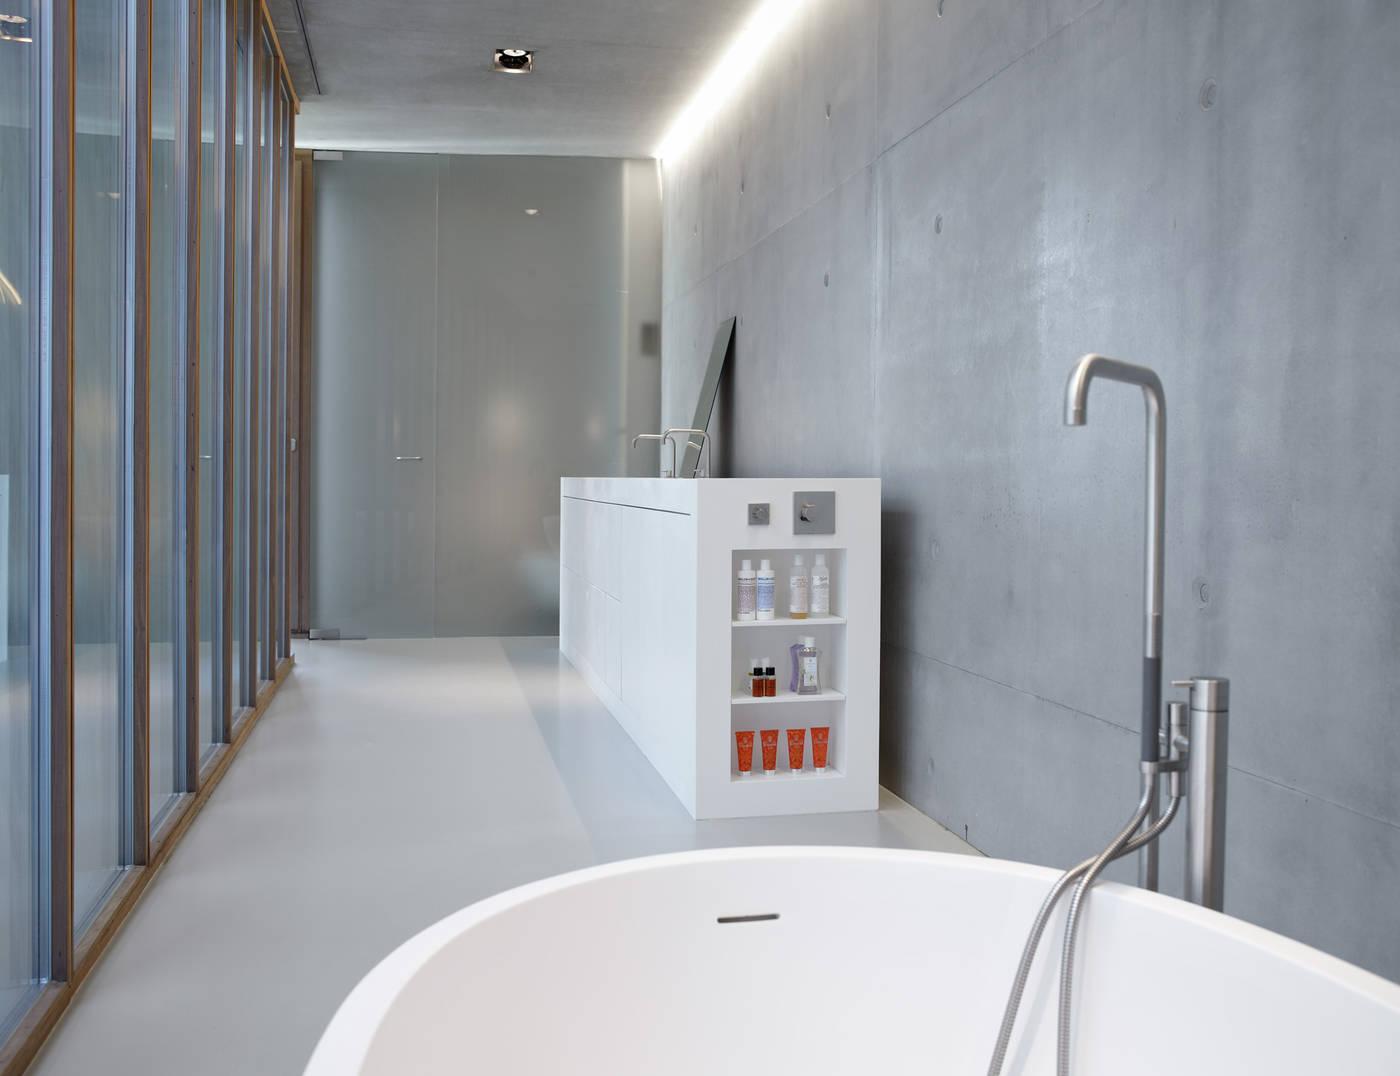 Smalle lange badkamer met een stoer, minimalistisch en modern ontwerp